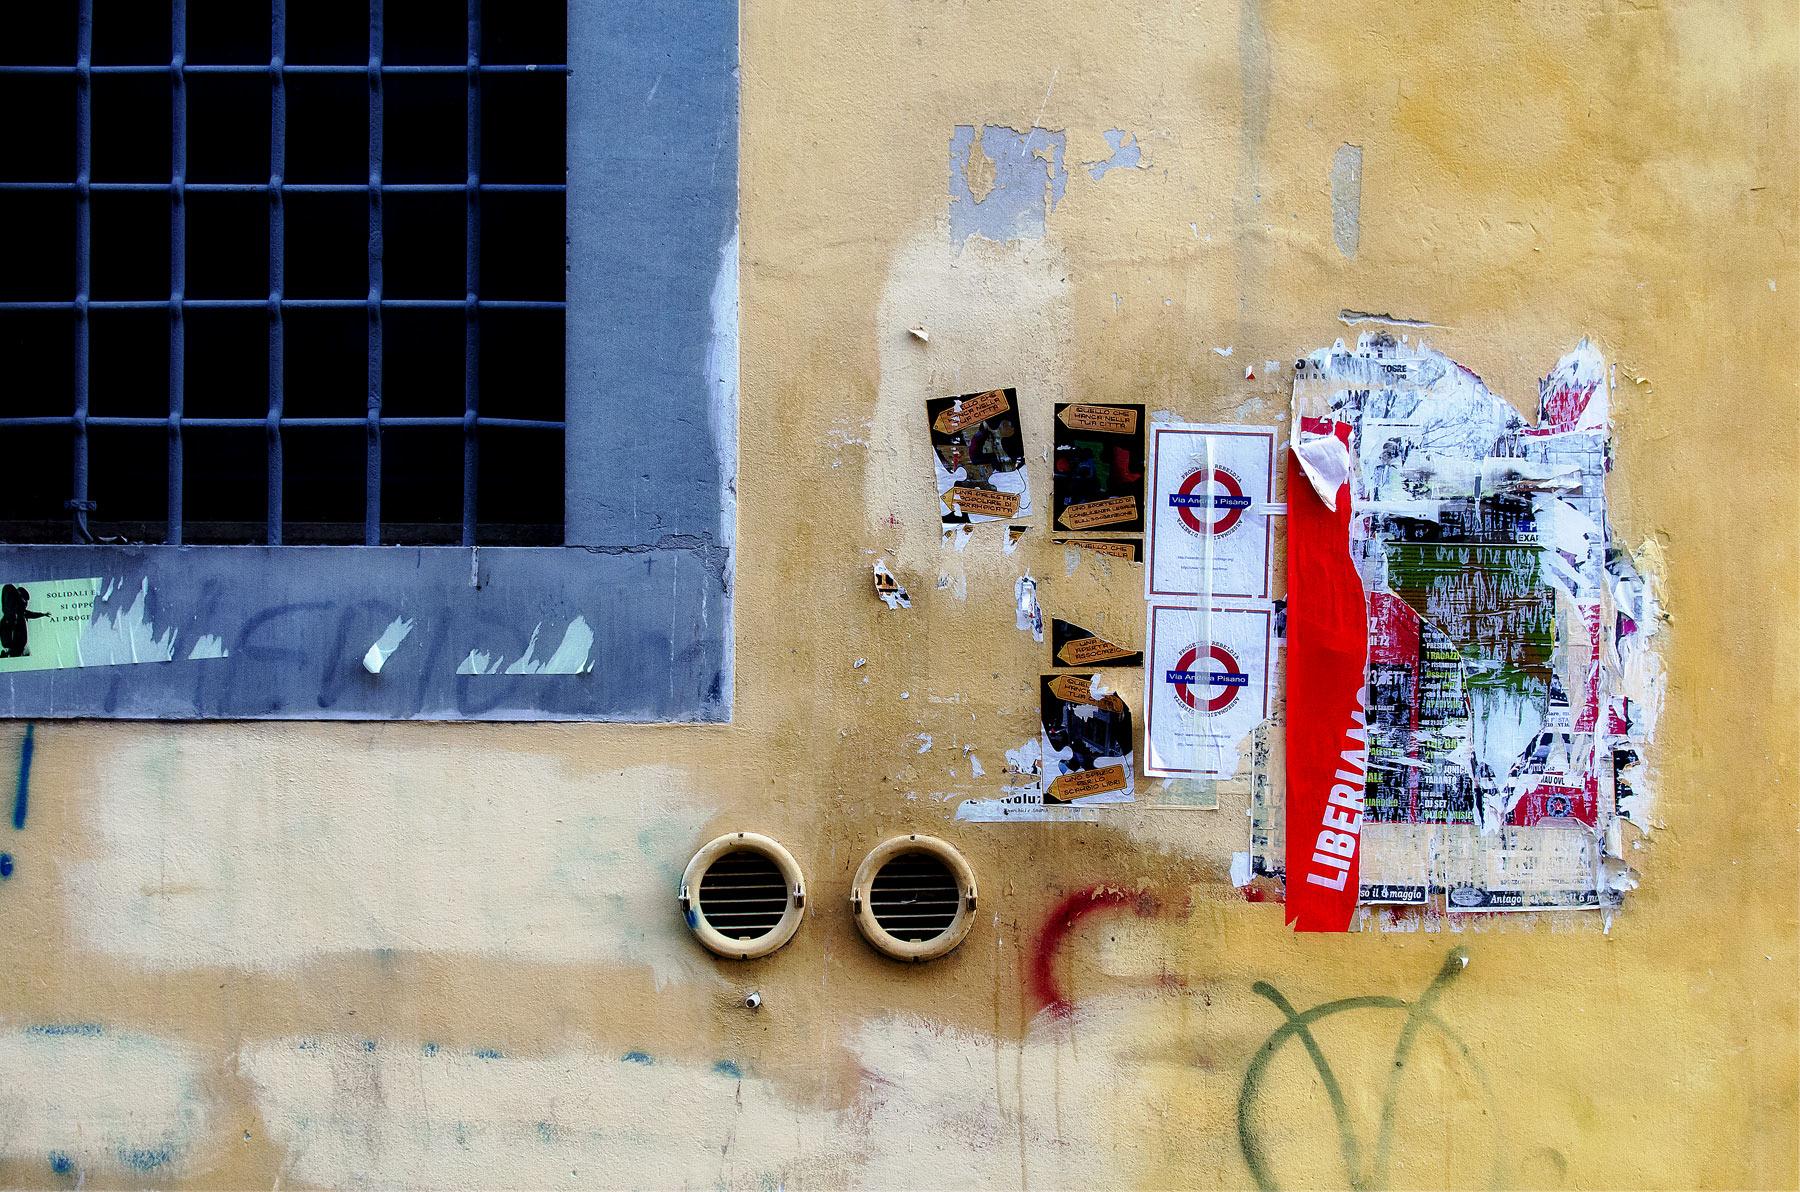 Tuscany #9862